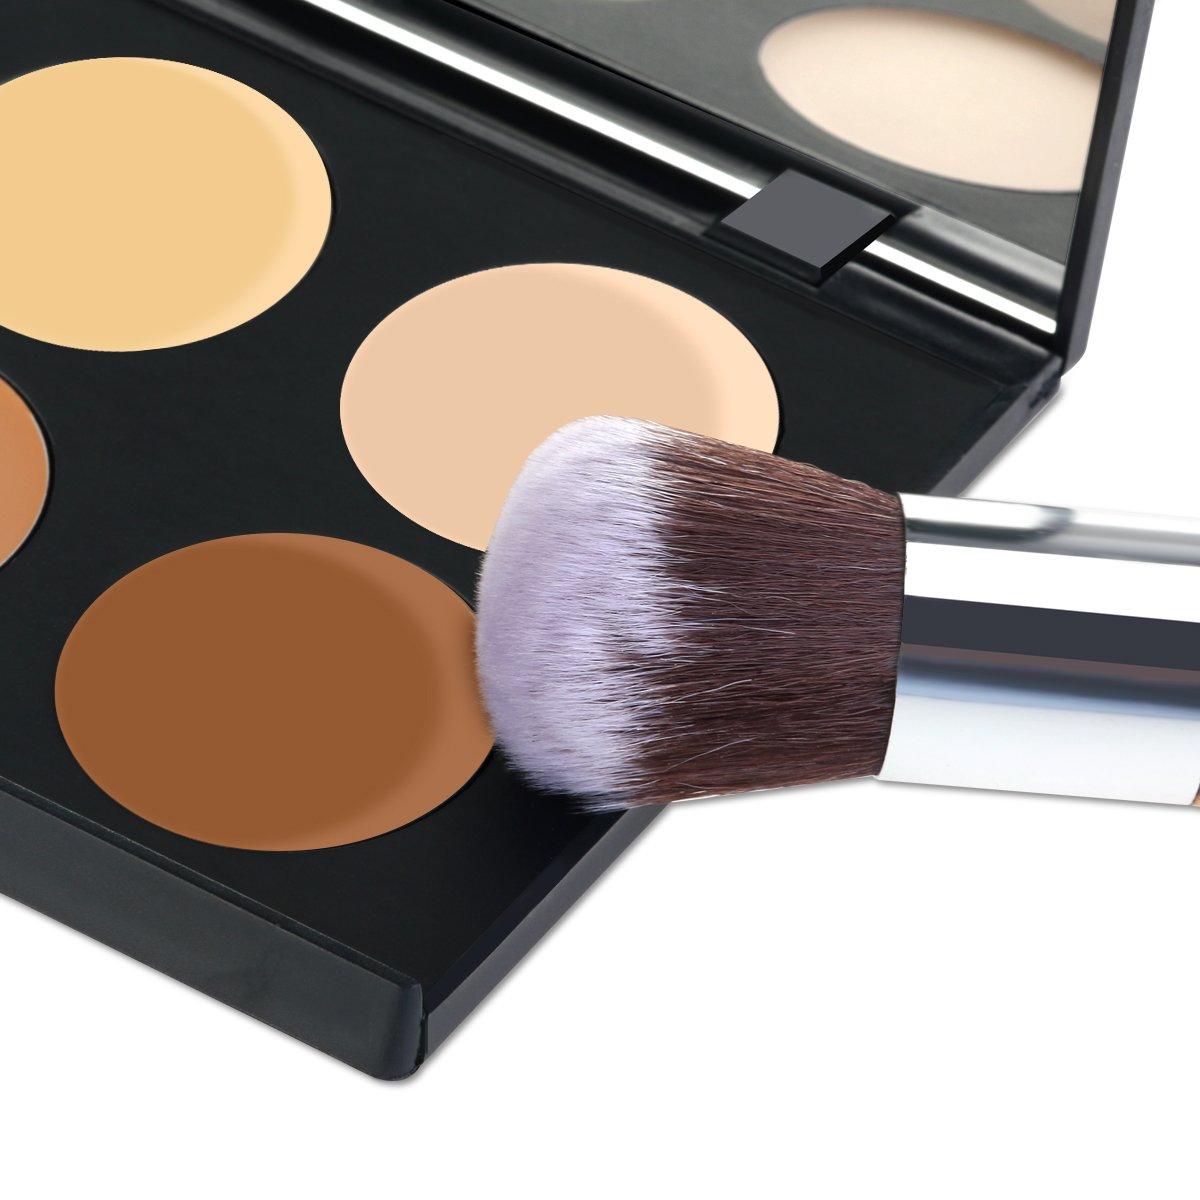 RUIMIO Contour Kit Cream Contour Palette 6 Colors with Makeup Brush Set by PIXNOR (Image #7)